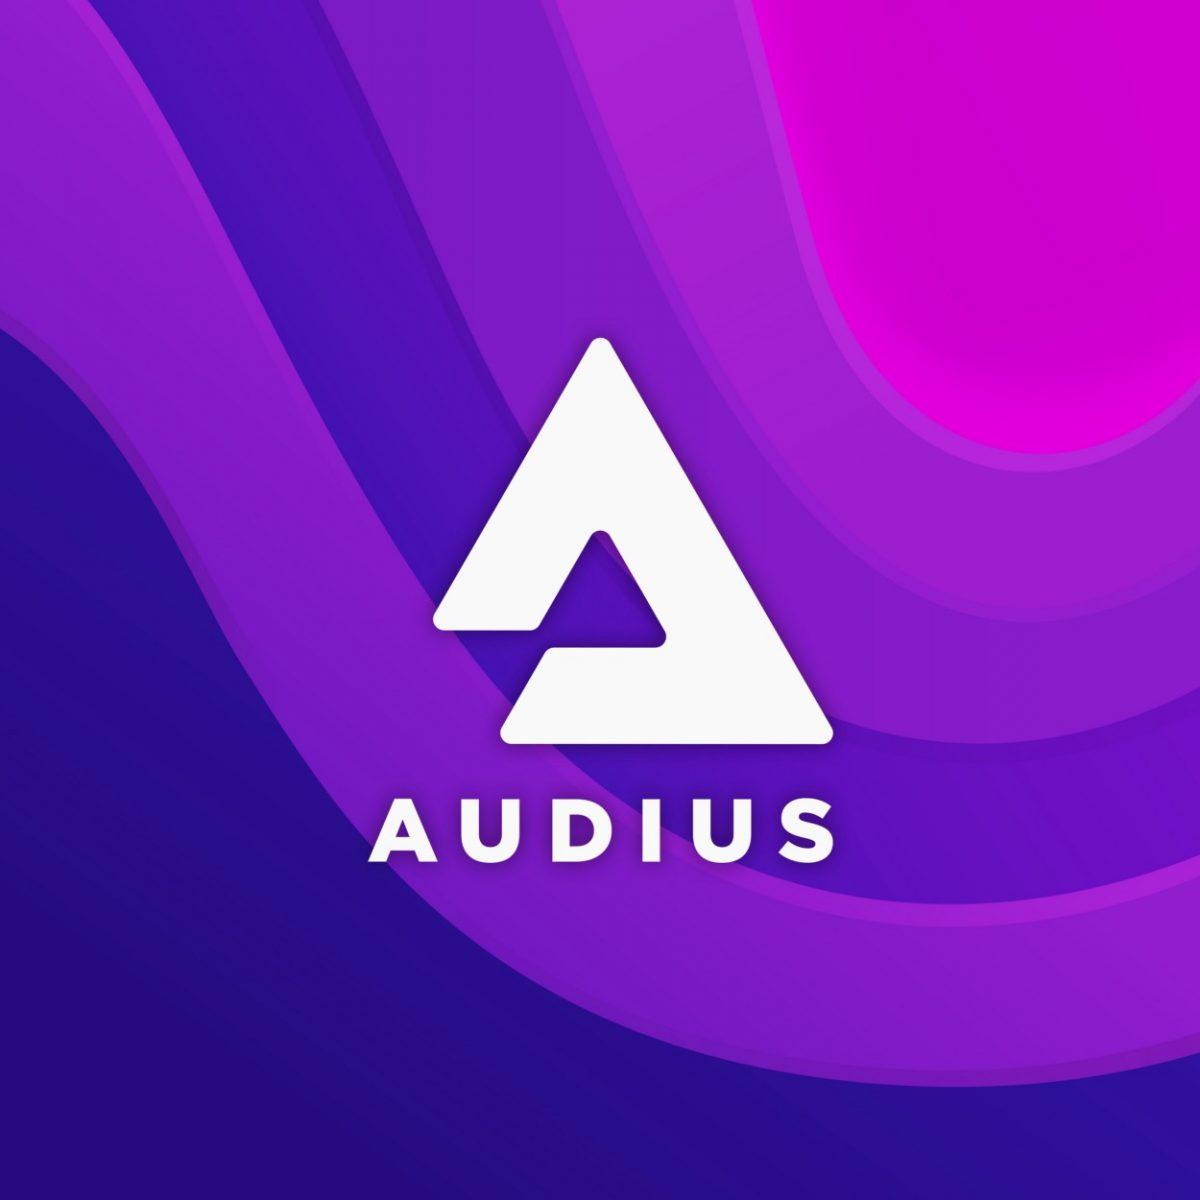 Blockchain Based Streaming Platform Audius Partners With TikTok TikTok Death